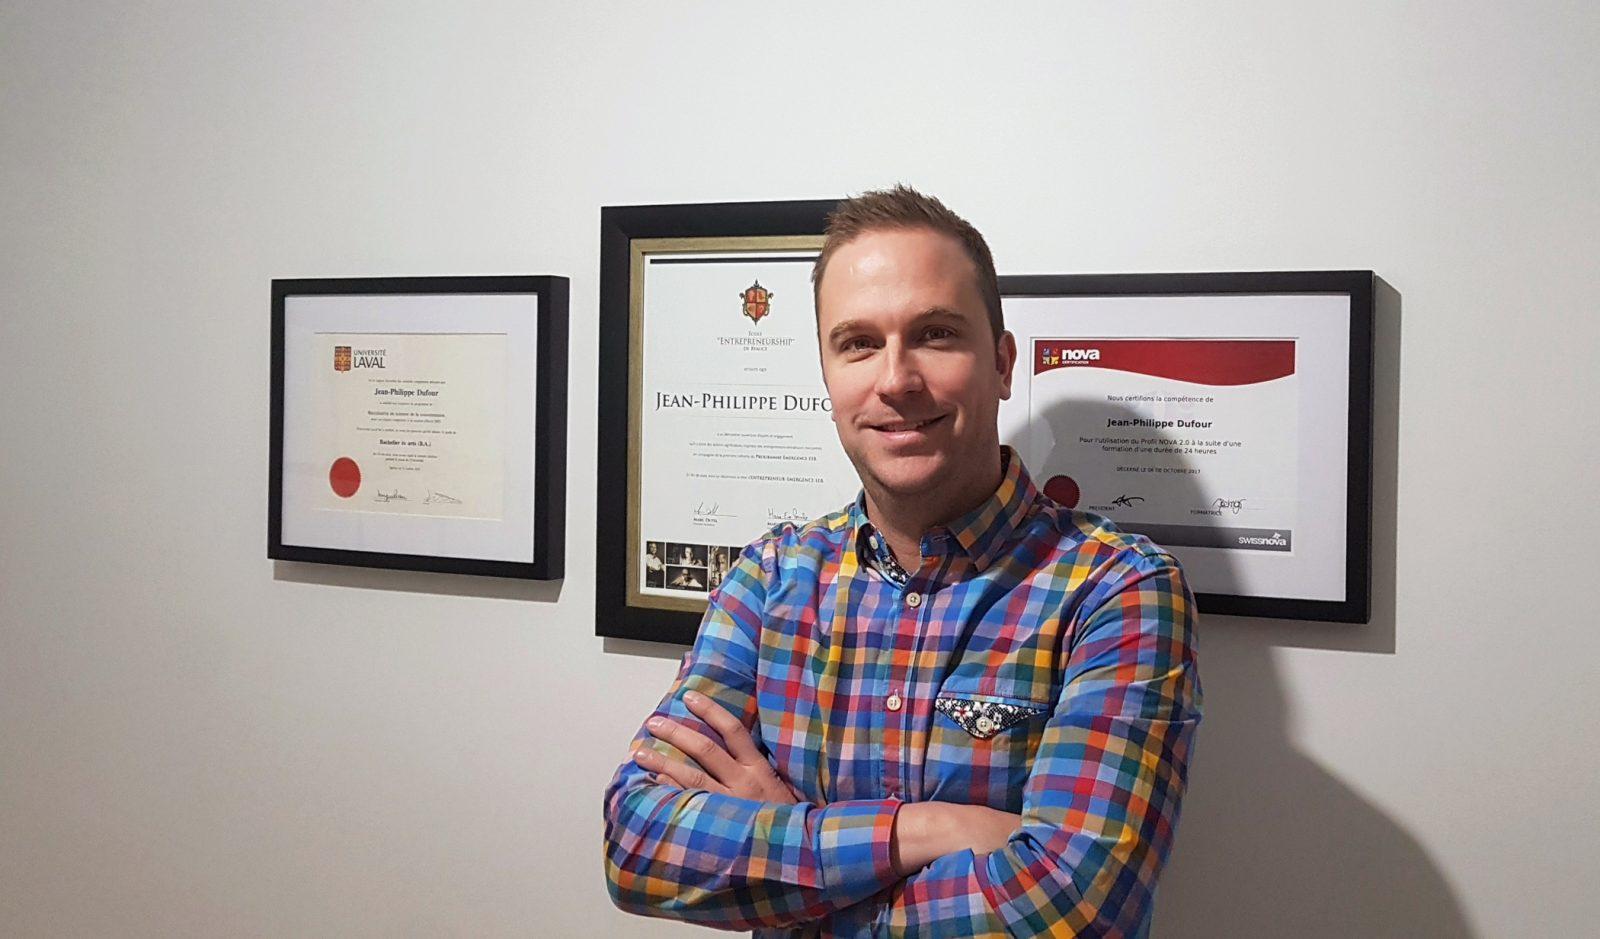 Une expertise qui rayonne jusqu'en Colombie-Britannique